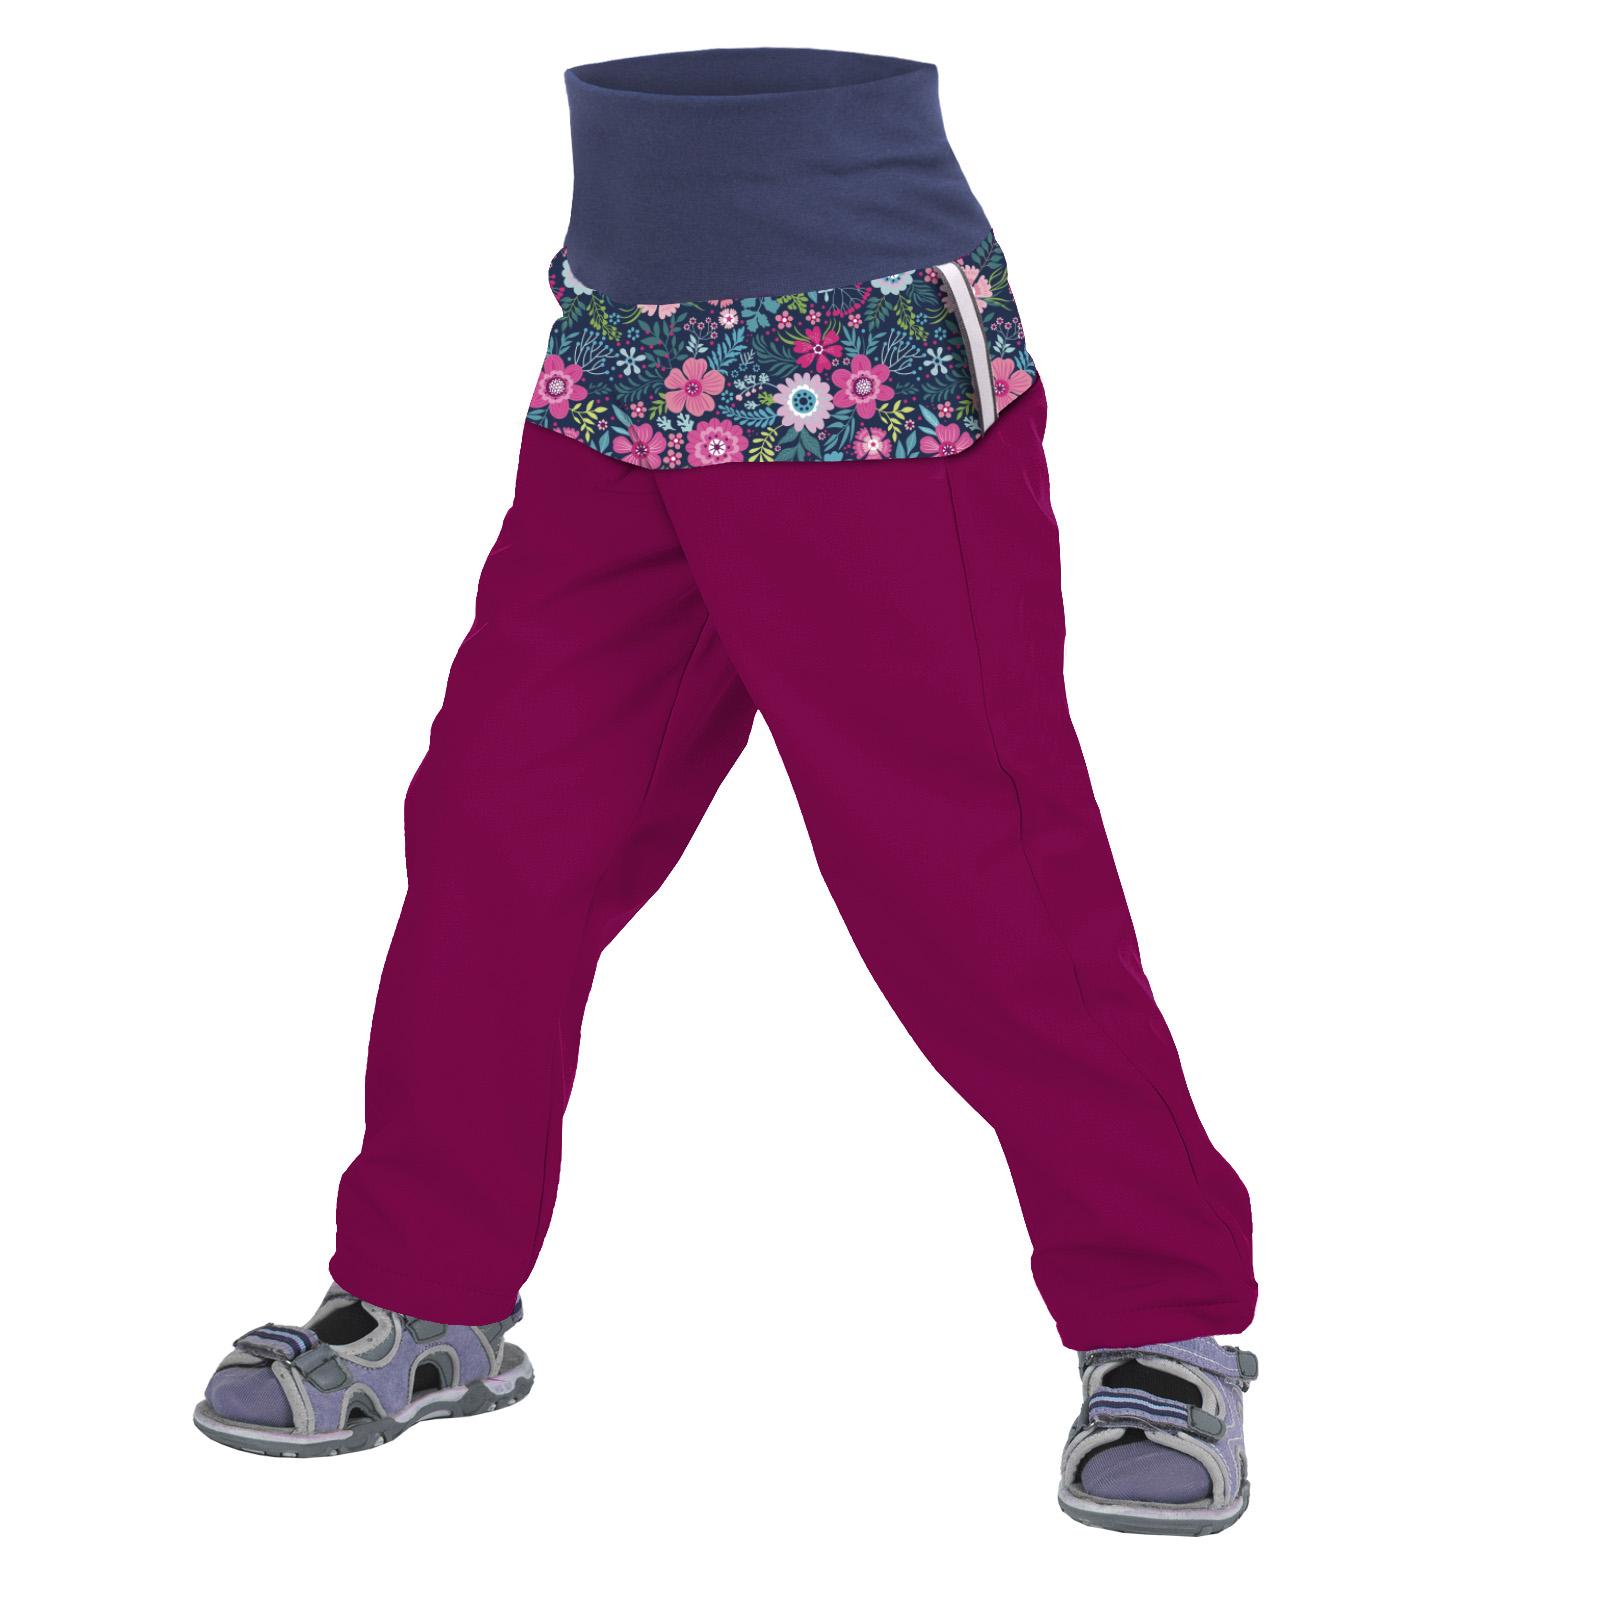 unuo Batolecí softshellové kalhoty bez zateplení Květinky malinové Velikost: 86/92 SLIM